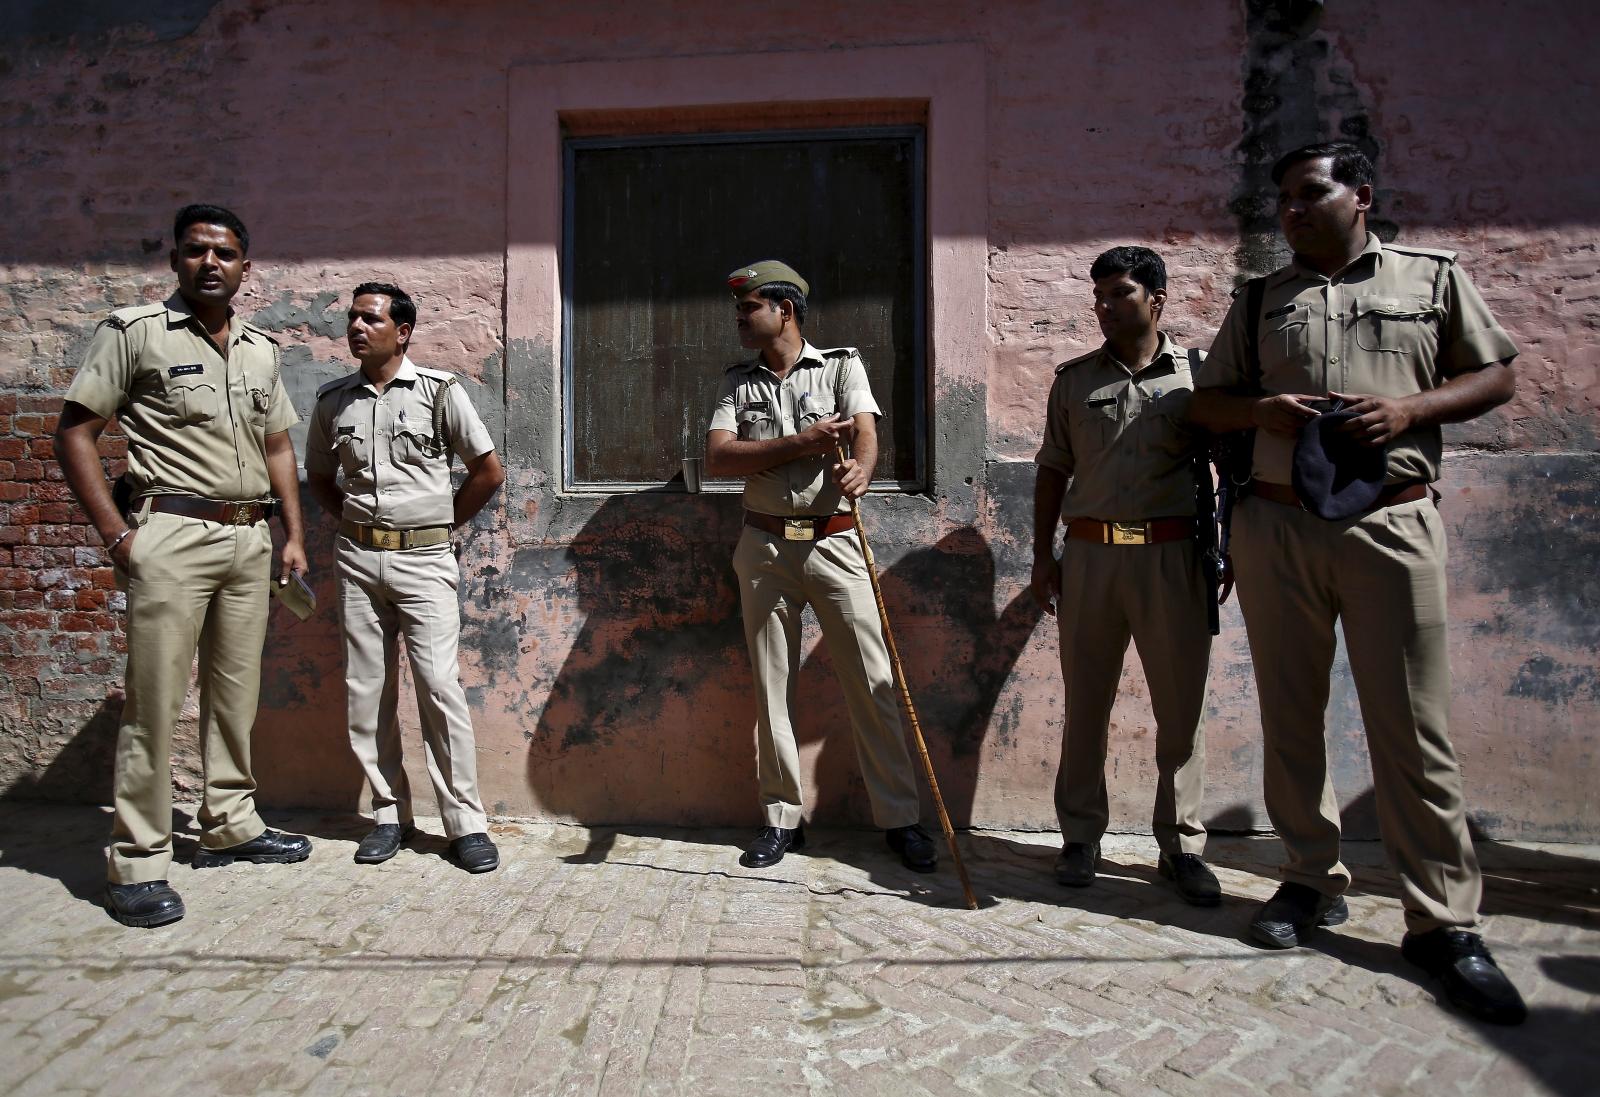 Saharanpur, Uttar Pradesh violence